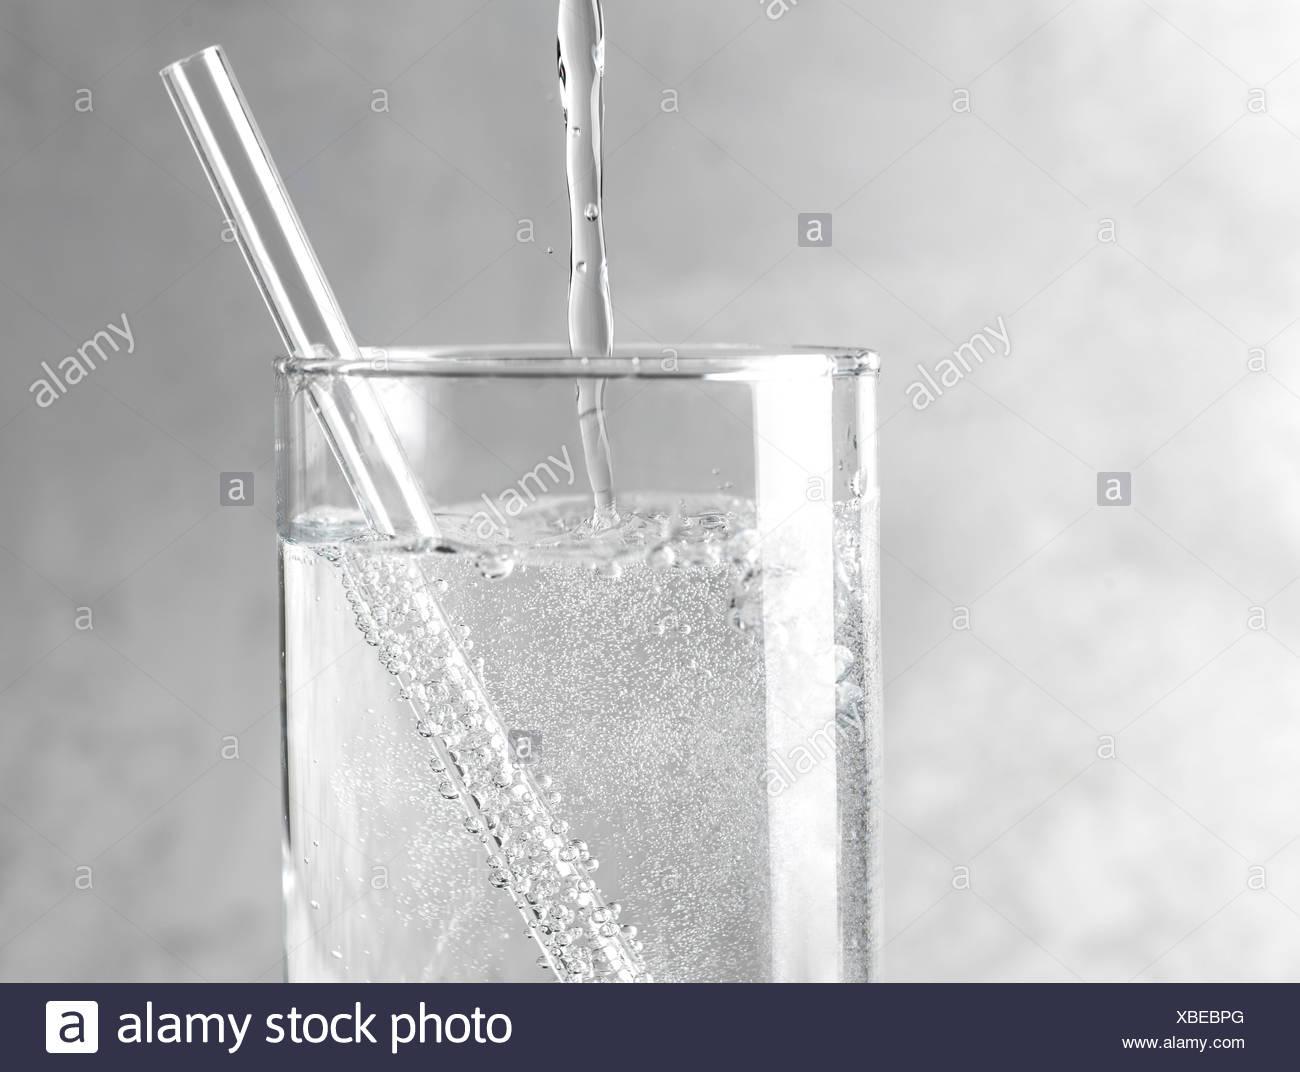 Detail der funkelnden Wasser in ein Glas mit einer durchsichtigen Strohhalm auf grauem Hintergrund aus Metall gegossen wird. Stockbild